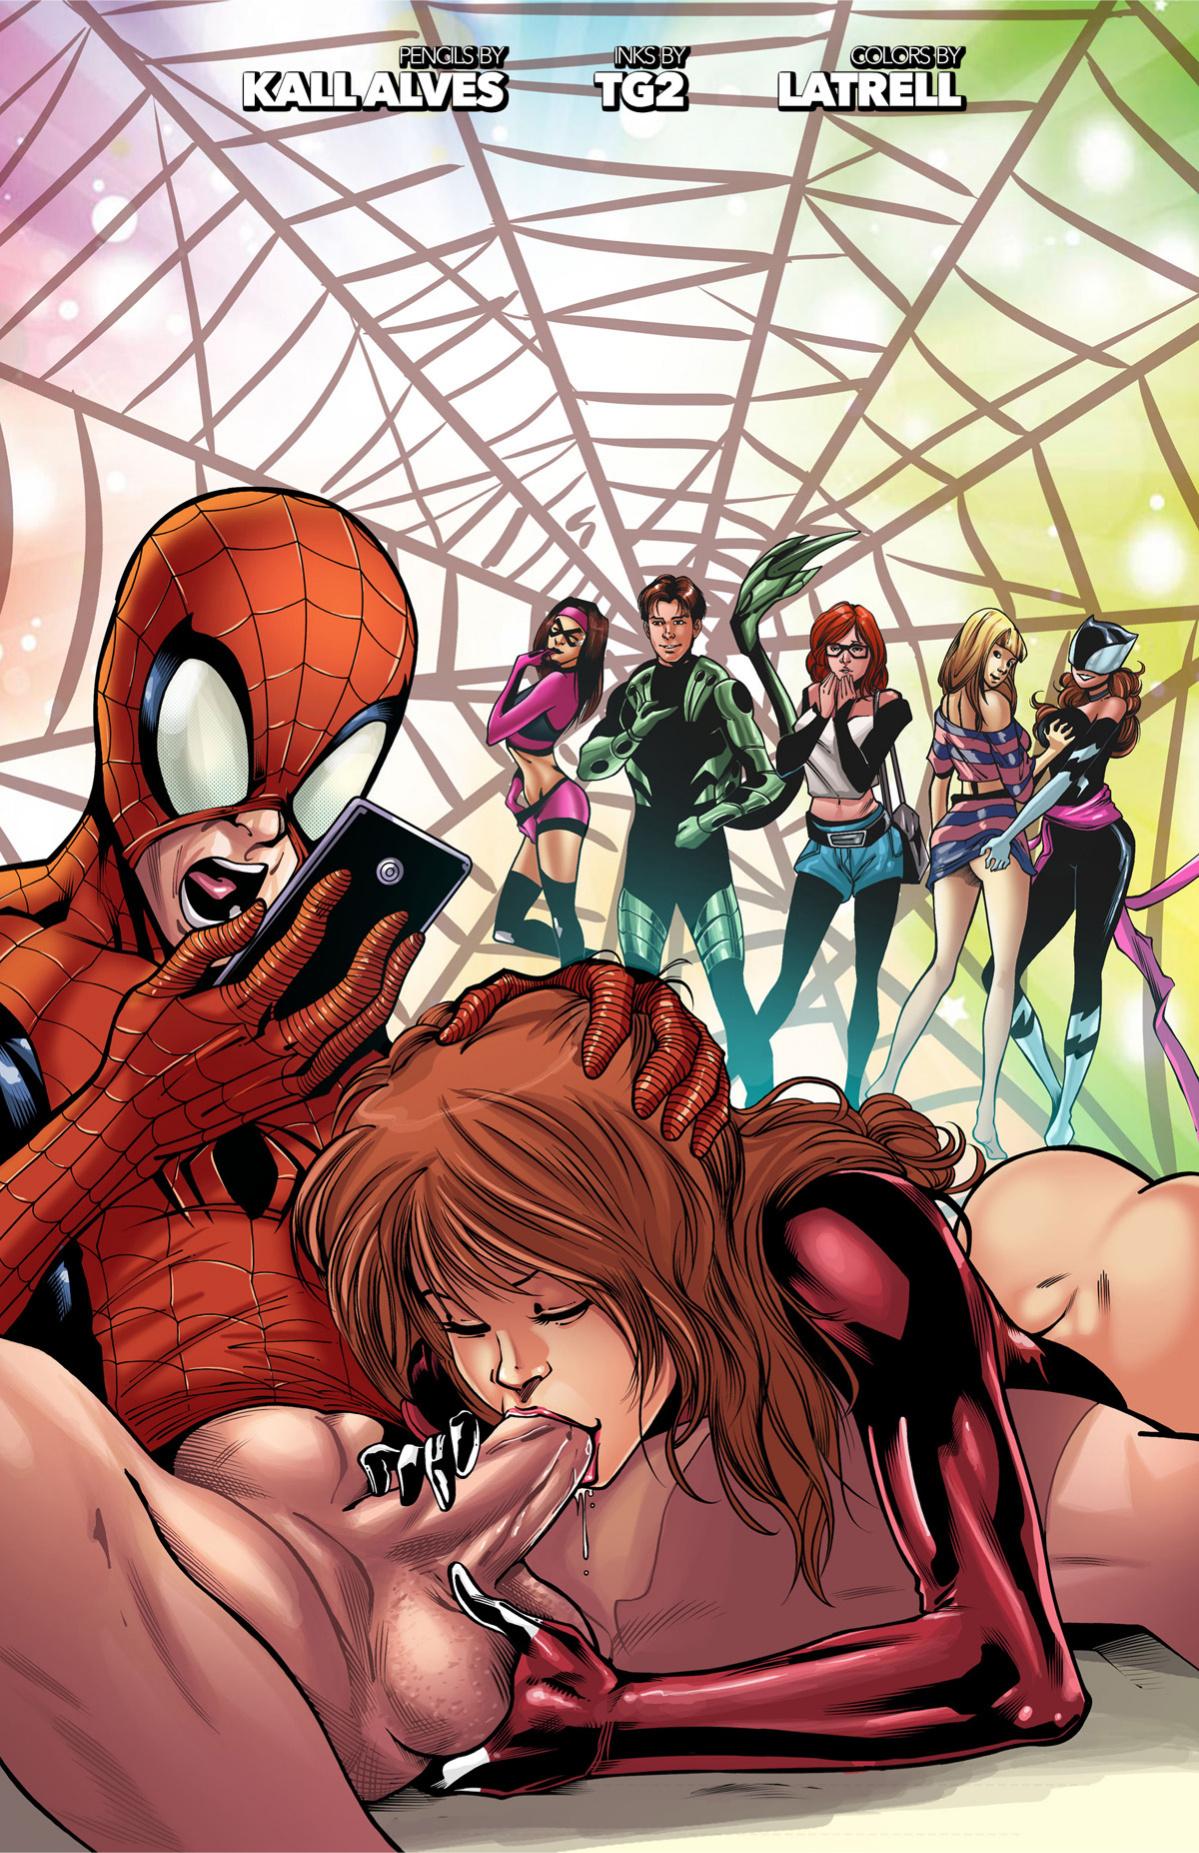 Ultimate Spider-Man XXX 12 - Spidercest porn comics Oral sex, Anal Sex